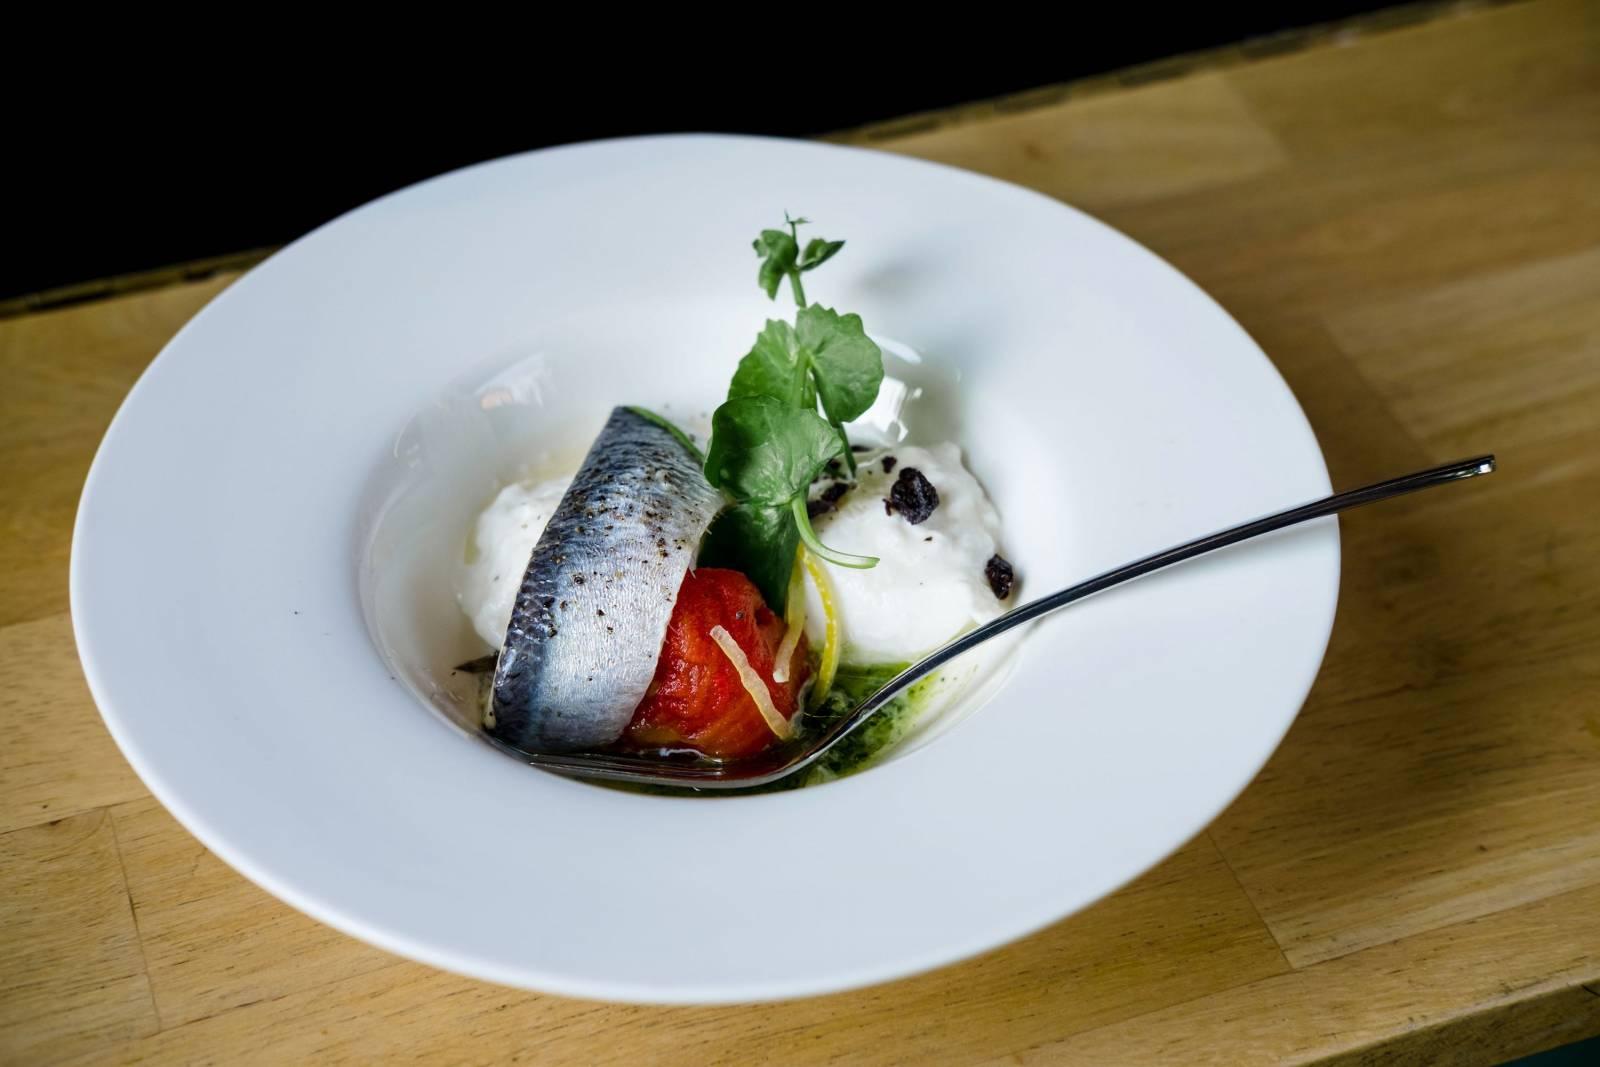 Gastronomie Nicolas - Catering - Traiteur - Trouw - Huwelijk - Bruiloft - House of Events - 14